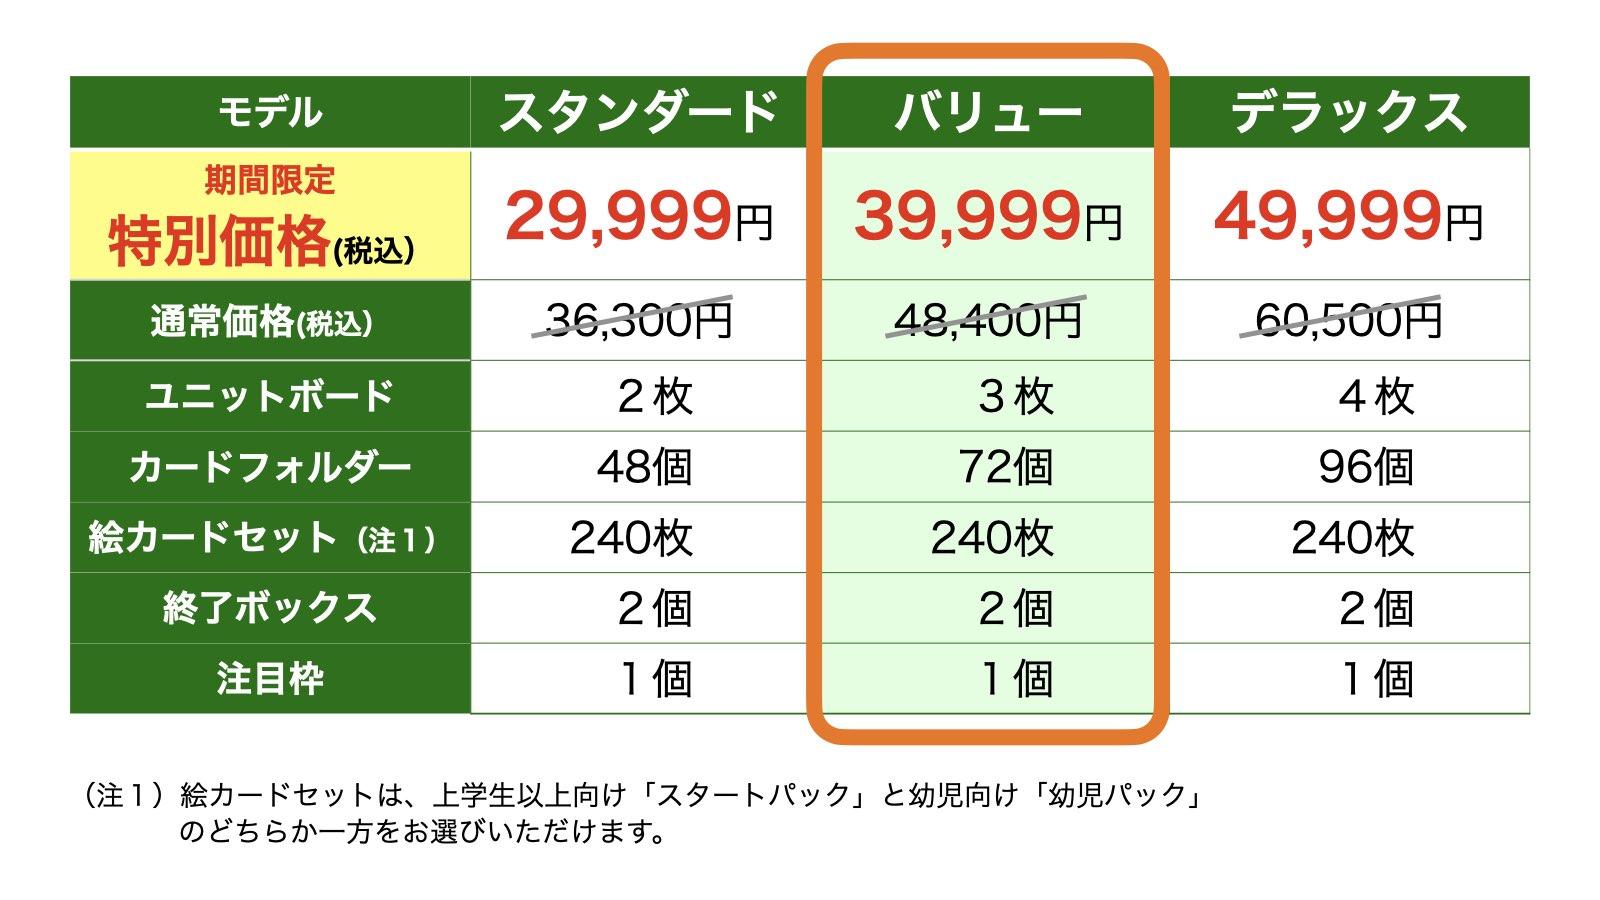 コバリテ視覚支援スタートキット:価格表(期間限定2020年8月1〜5日)